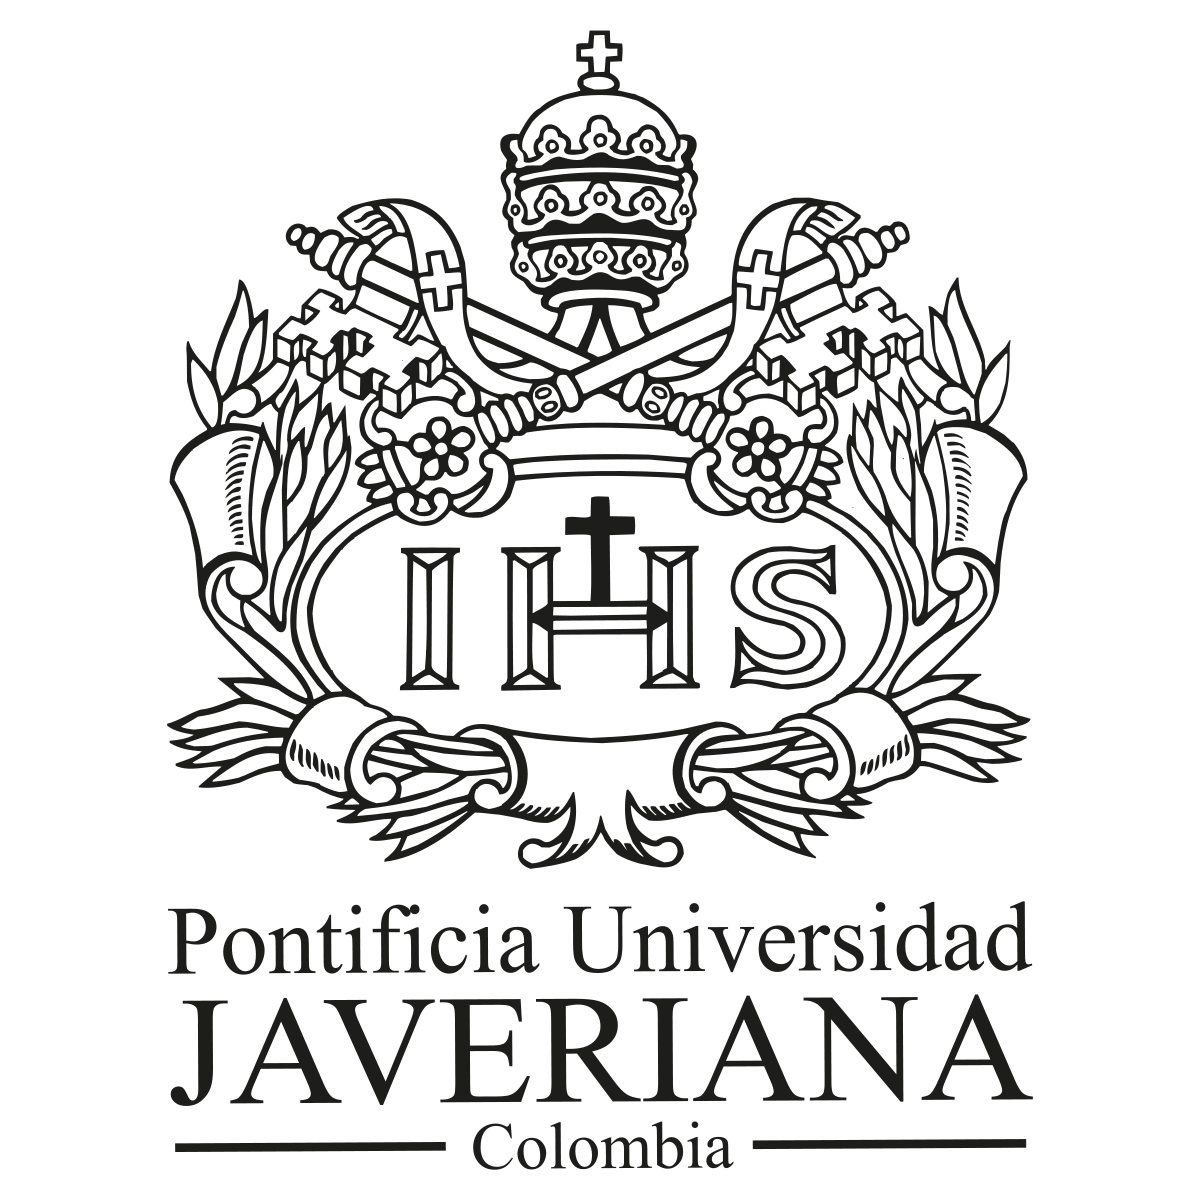 Pontificia Universidad Javeriana - PUJ